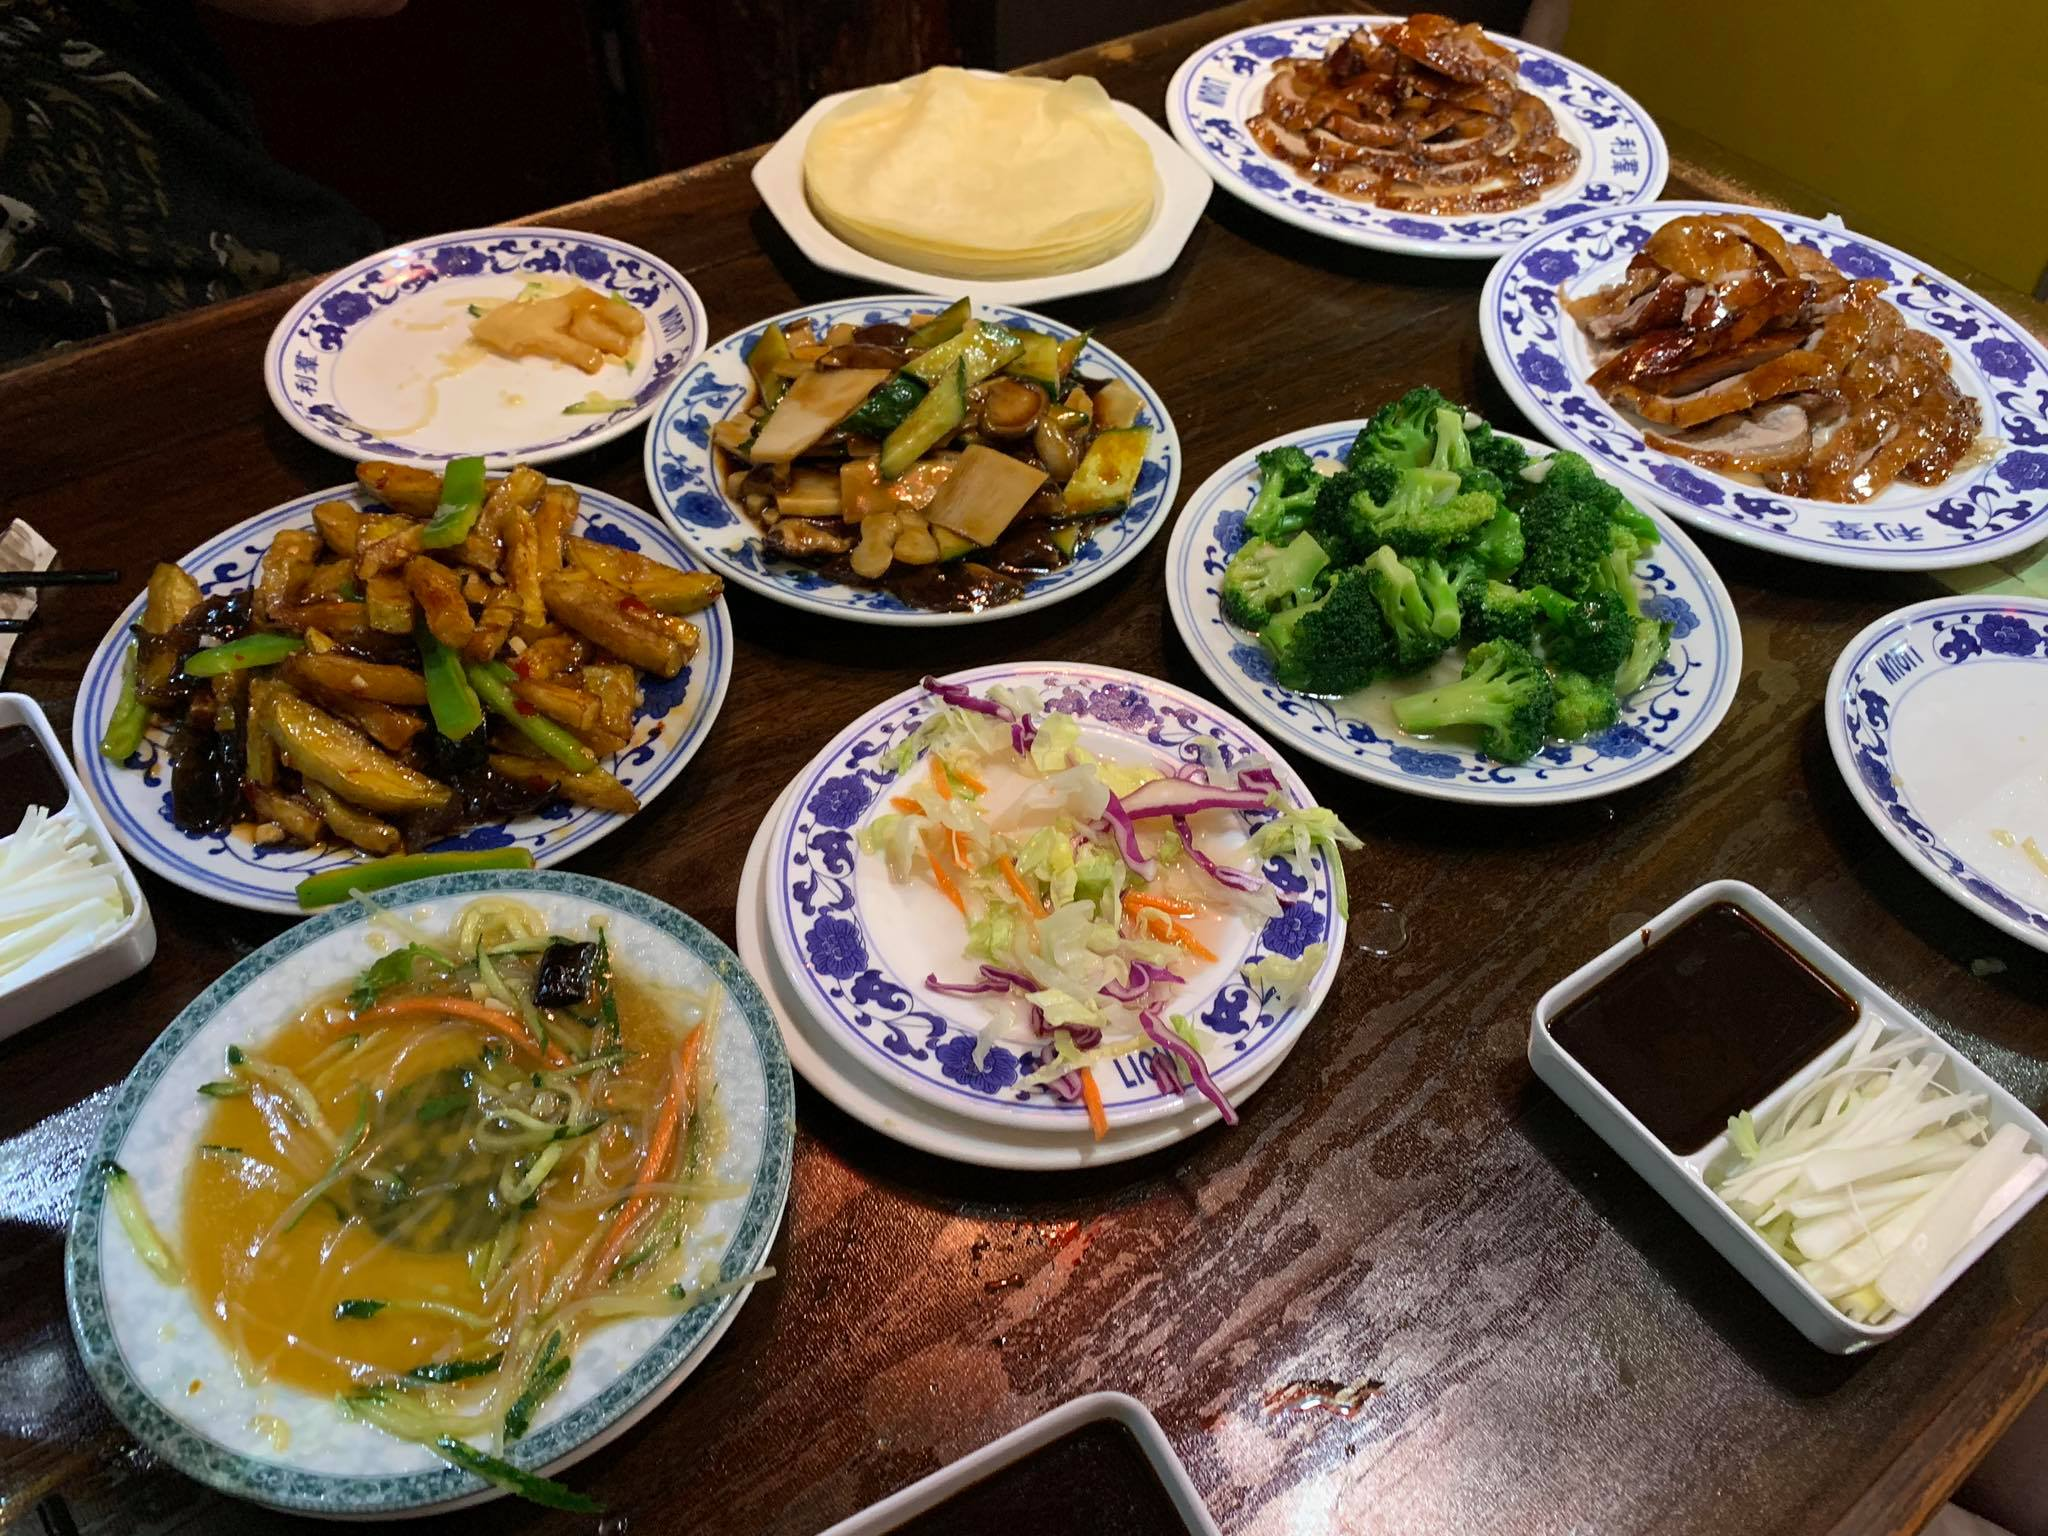 Day 7: Peking Duck / China